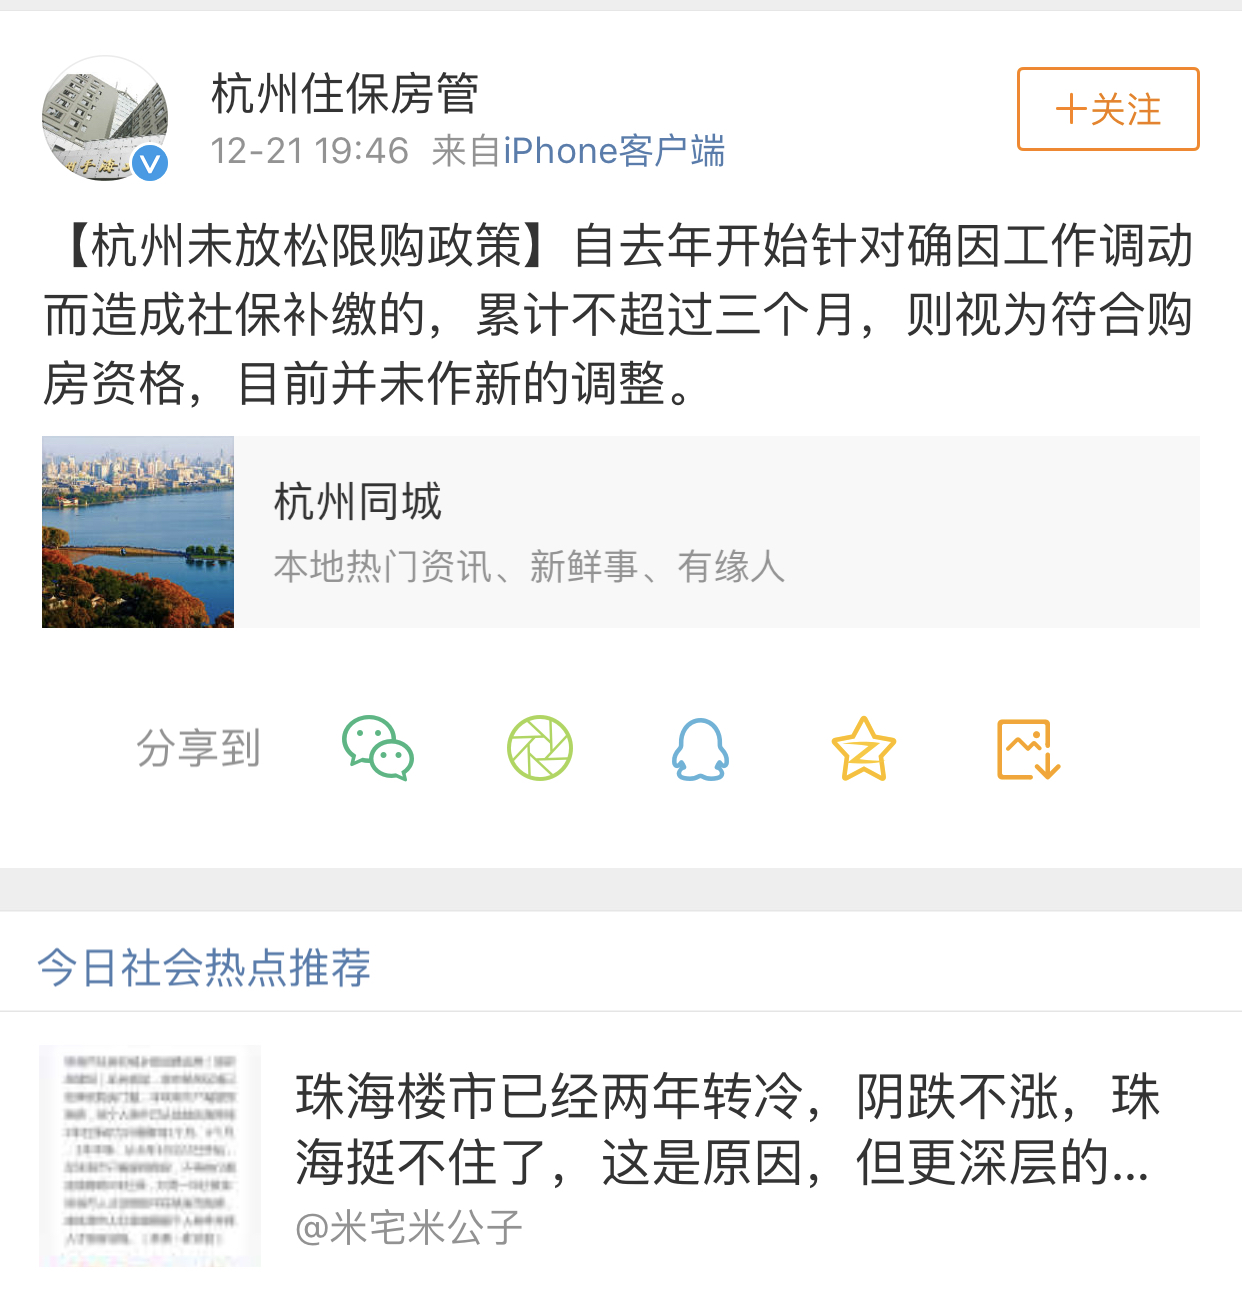 杭州是否放宽买房社保限制:浙江媒体称贯彻因城施策